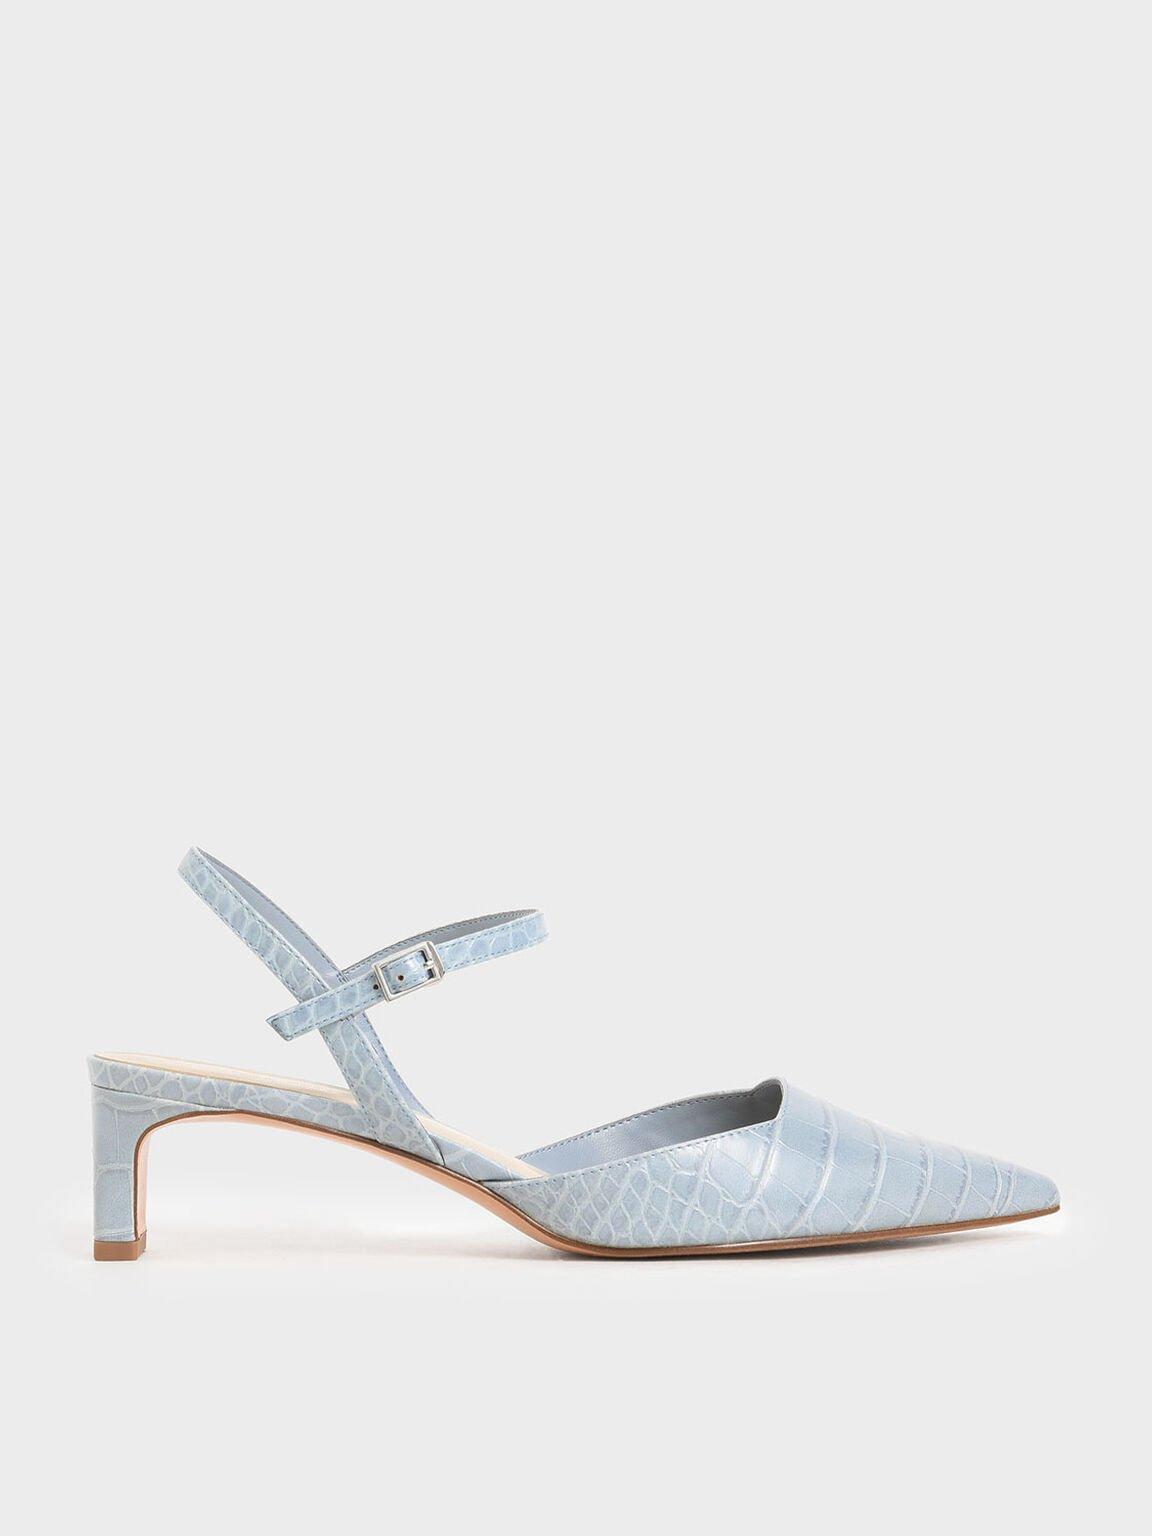 Croc-Effect Ankle Strap Pumps, Blue, hi-res